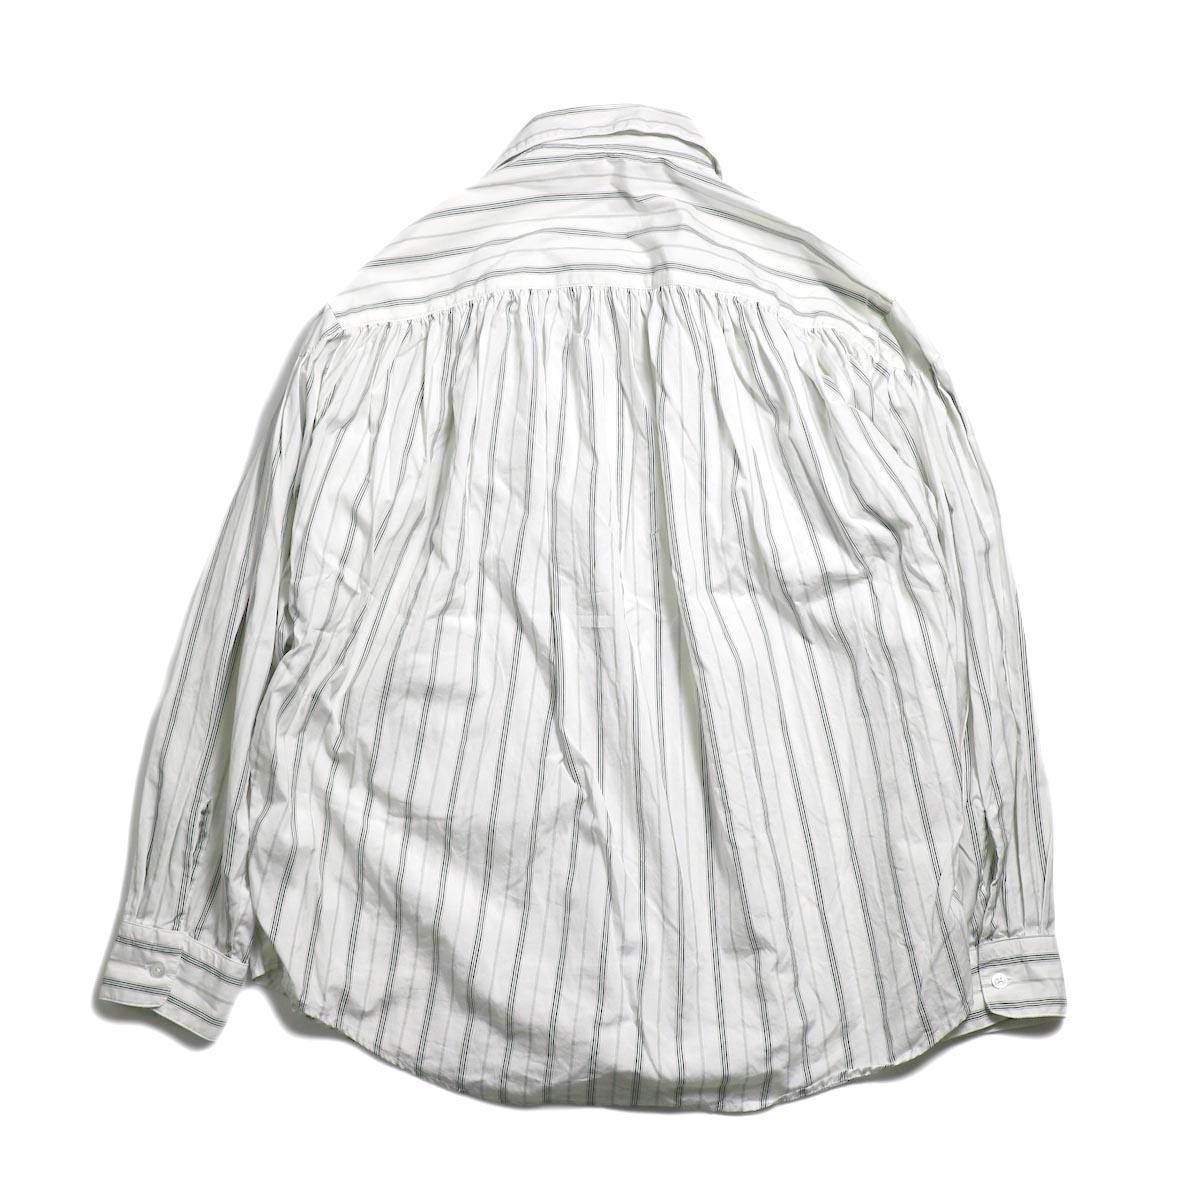 AiE / Painter Shirt -Regent St. (Grn/Wht)   背面